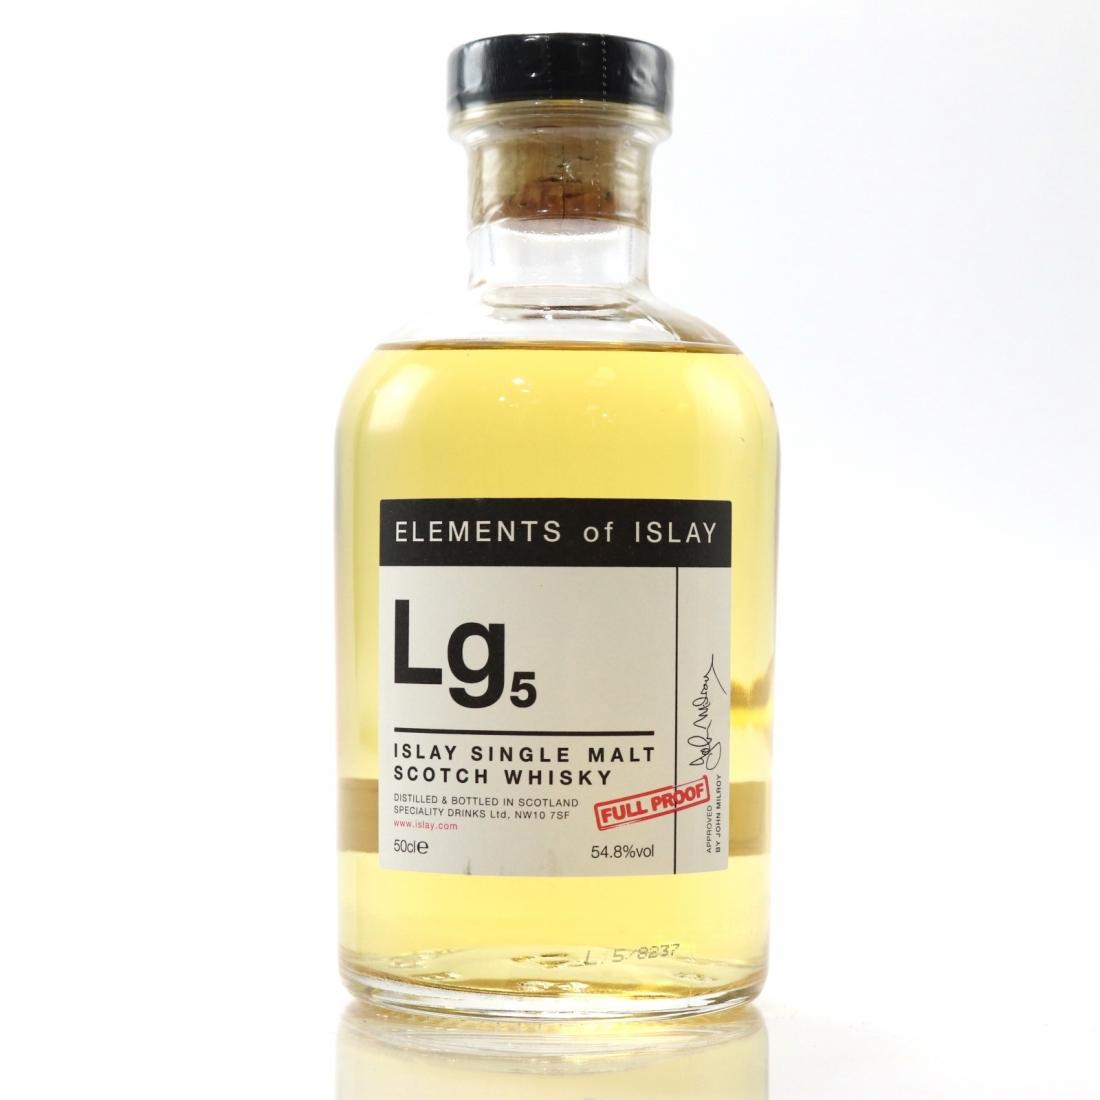 Lagavulin Lg5 Elements of Islay